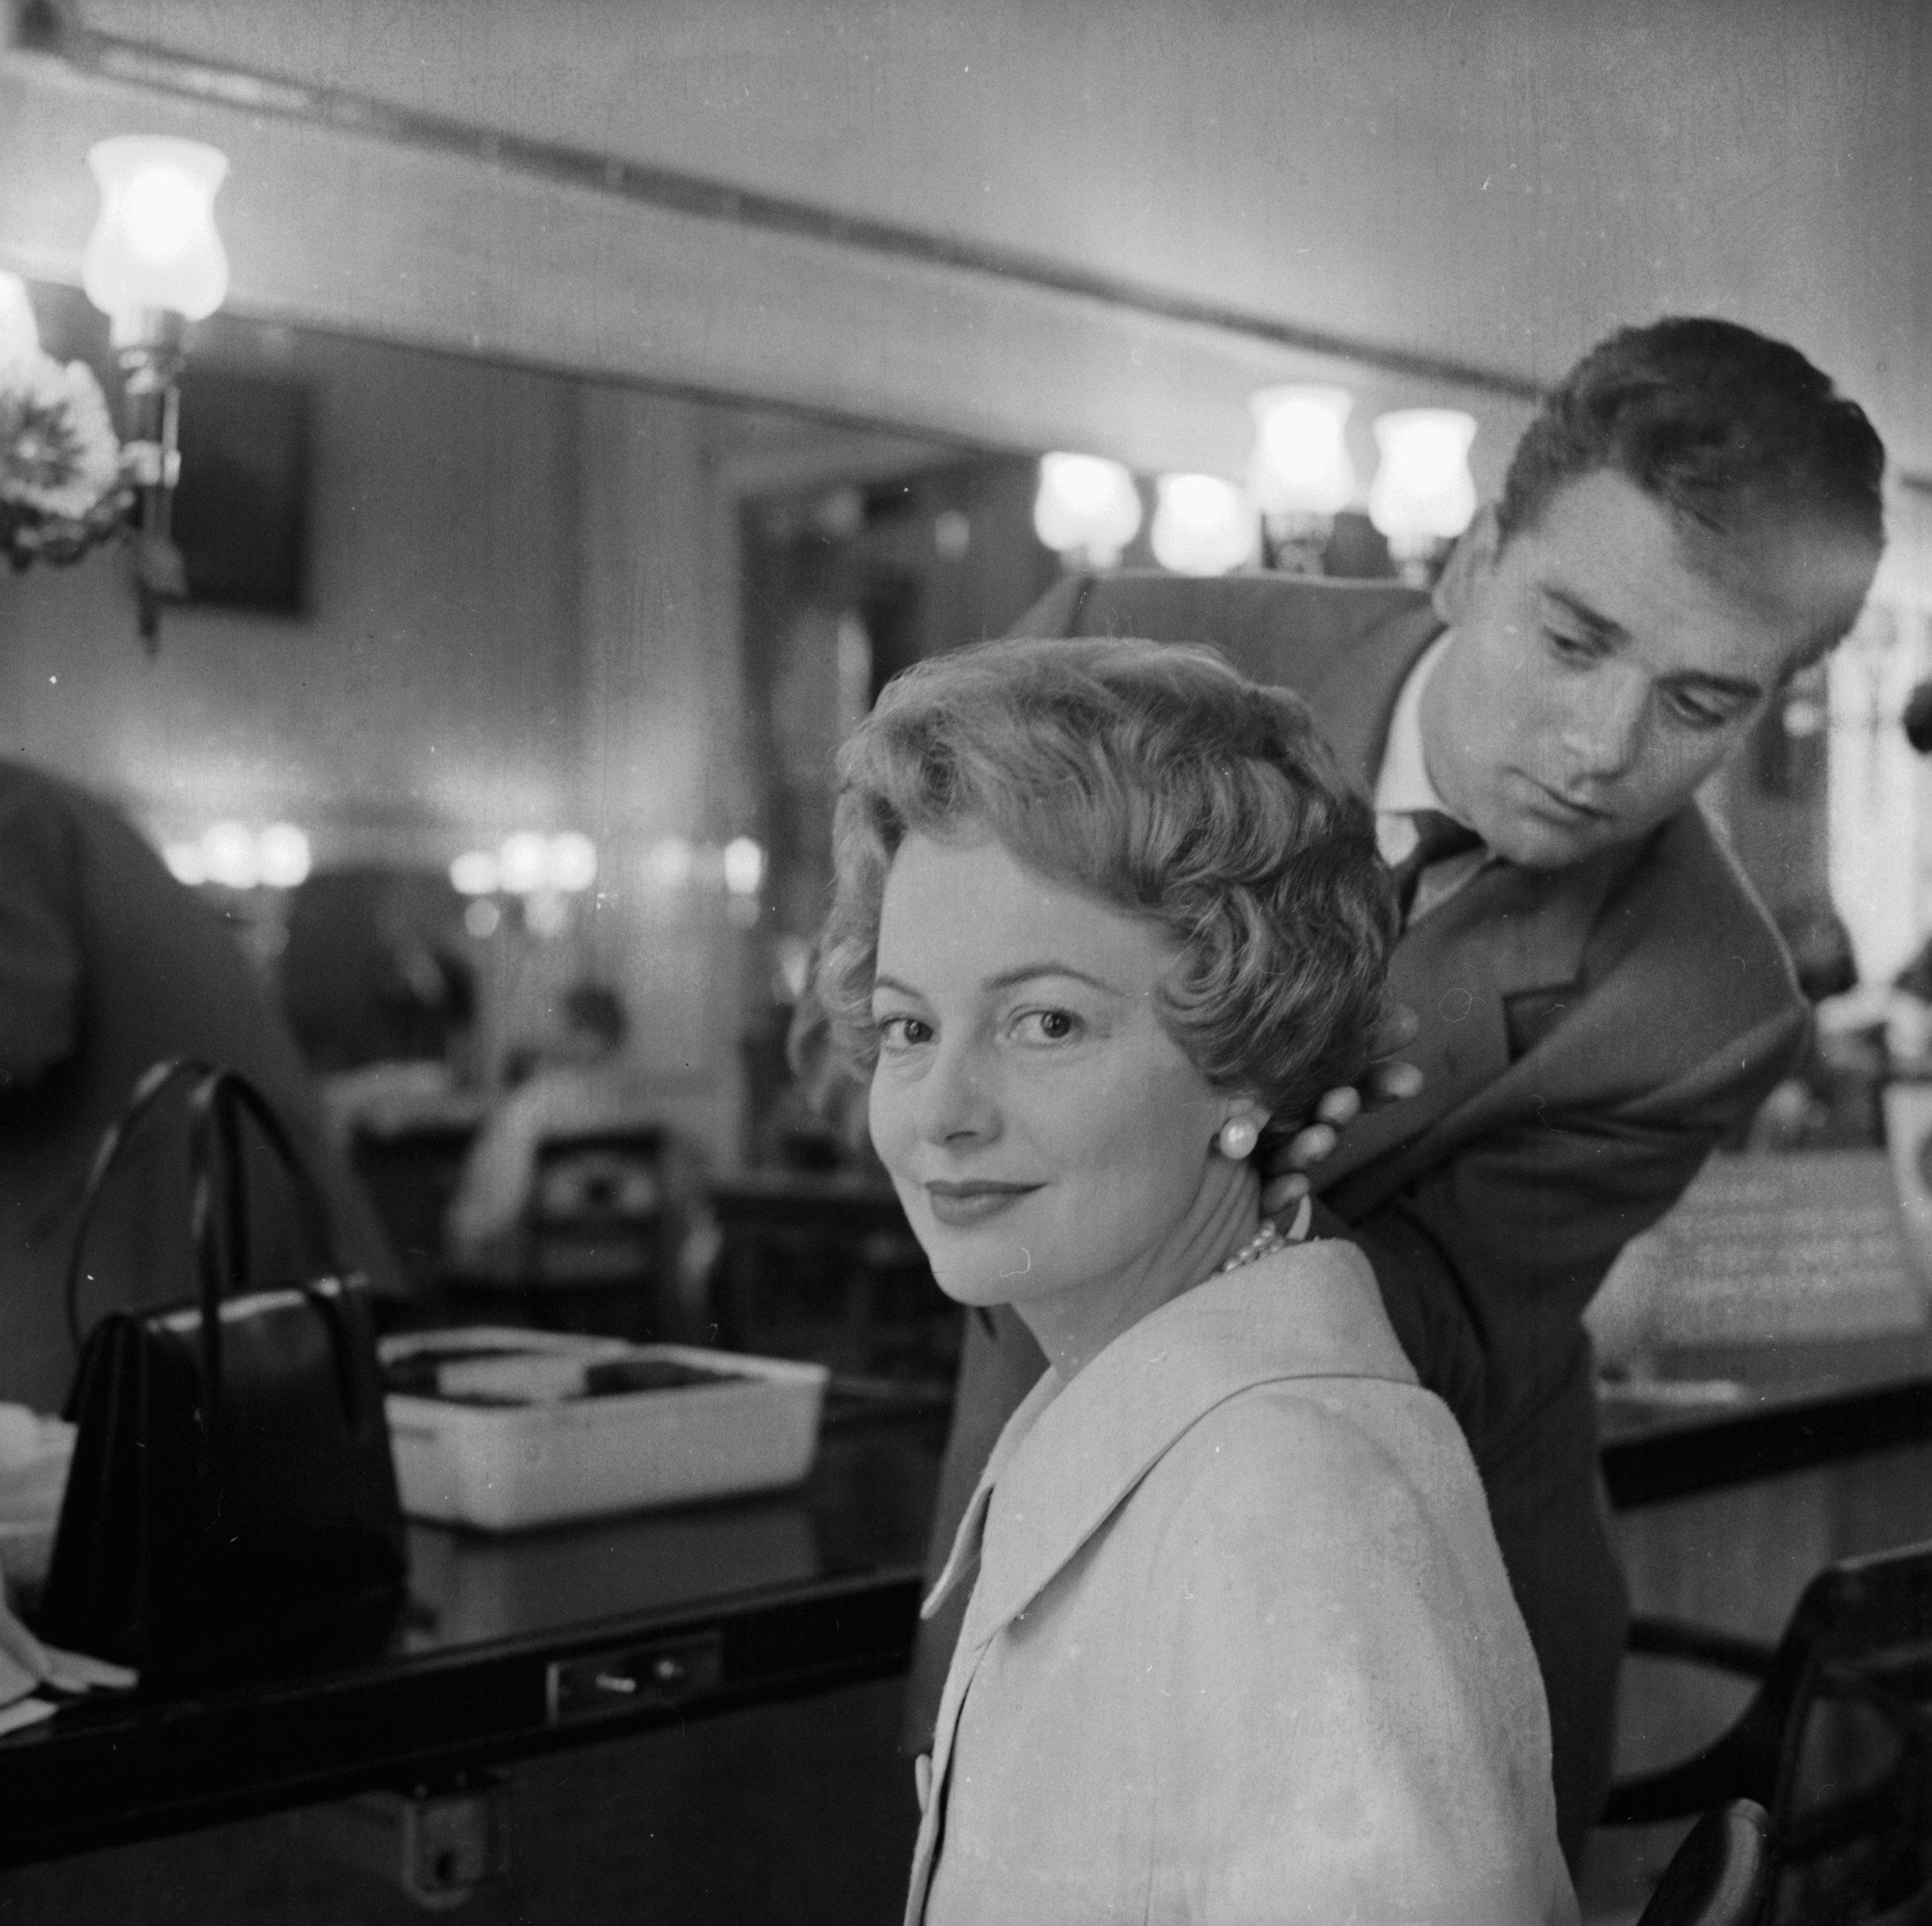 Olivia de Havilland turns 100